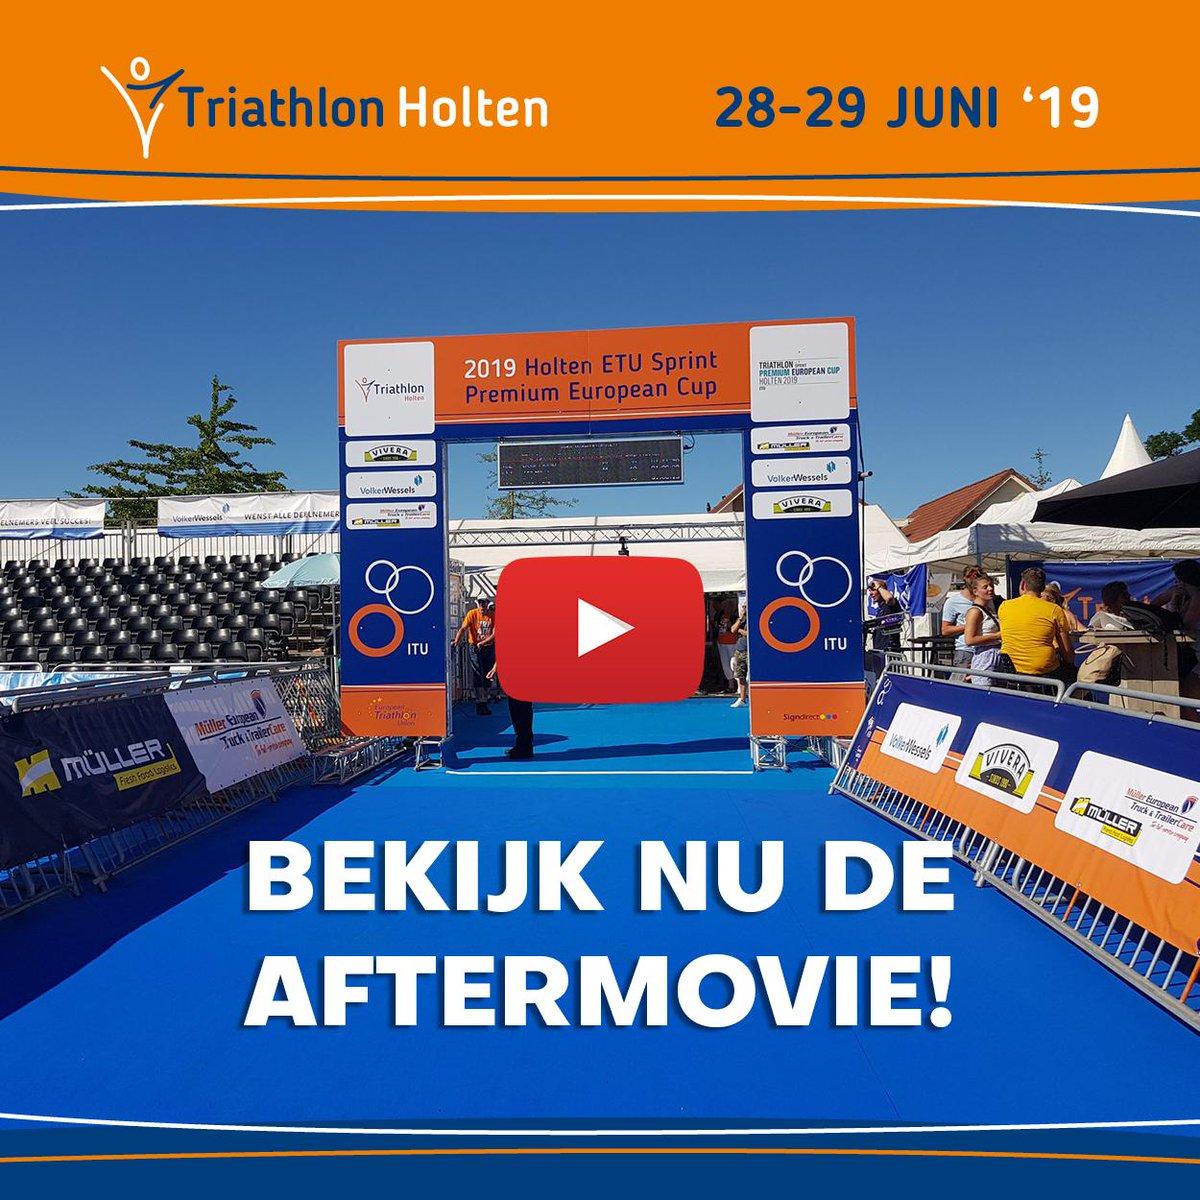 a1f848dbf9430c Beleef nogmaals de races en heerlijke sfeer van de Triathlon Holten 2019.  Check de officiële aftermovie van de 35e editie!